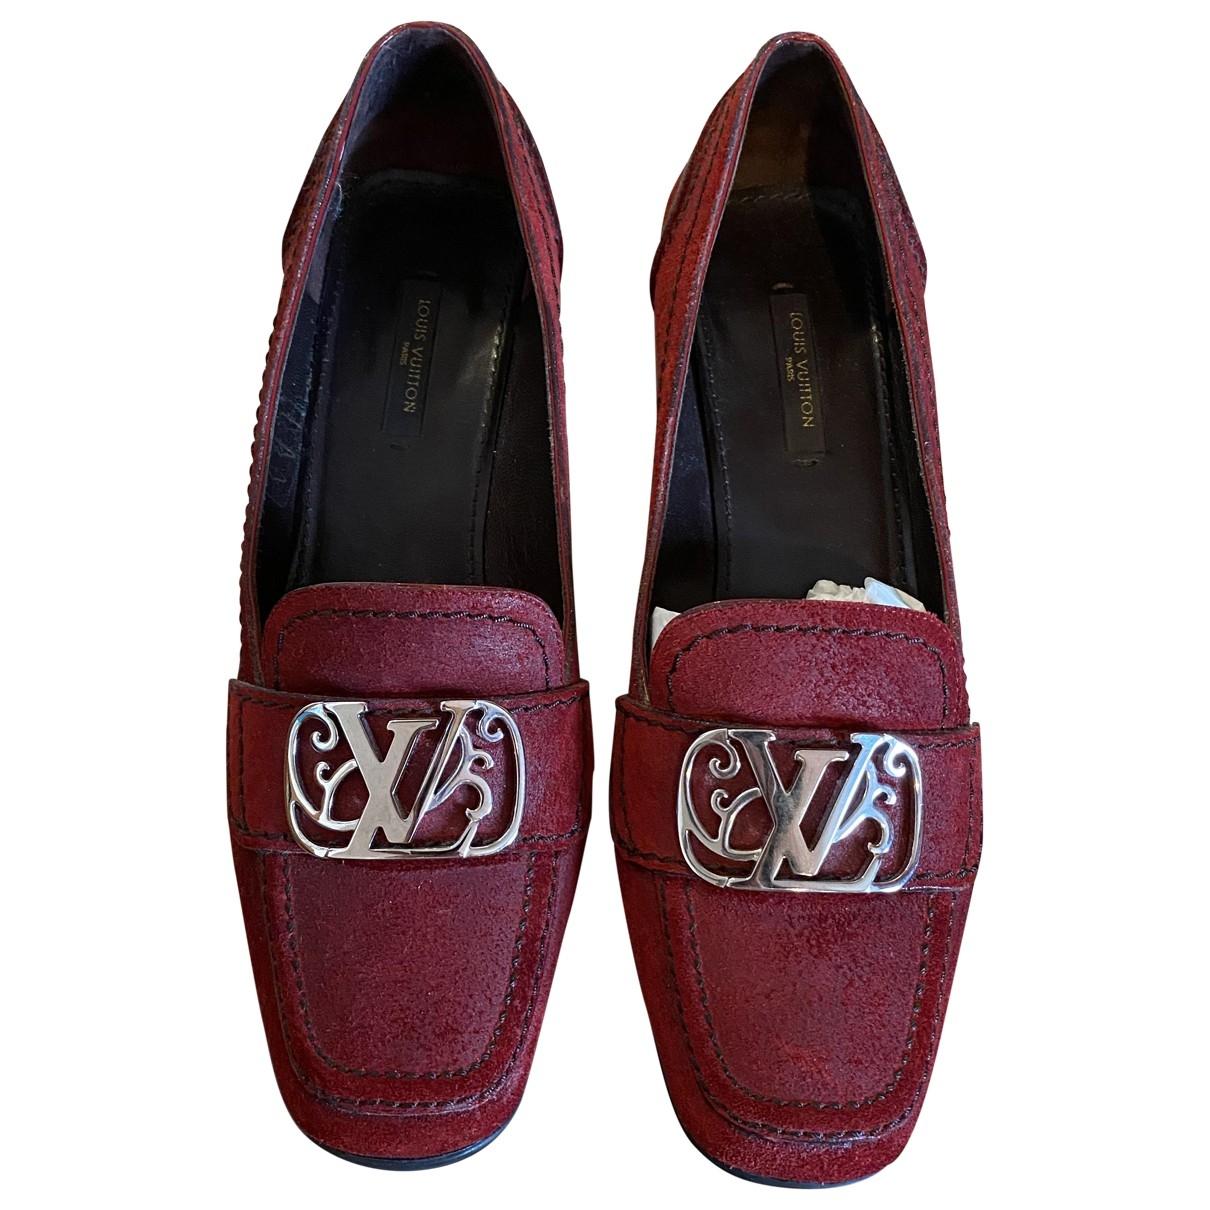 Louis Vuitton \N Red Suede Heels for Women 38 EU